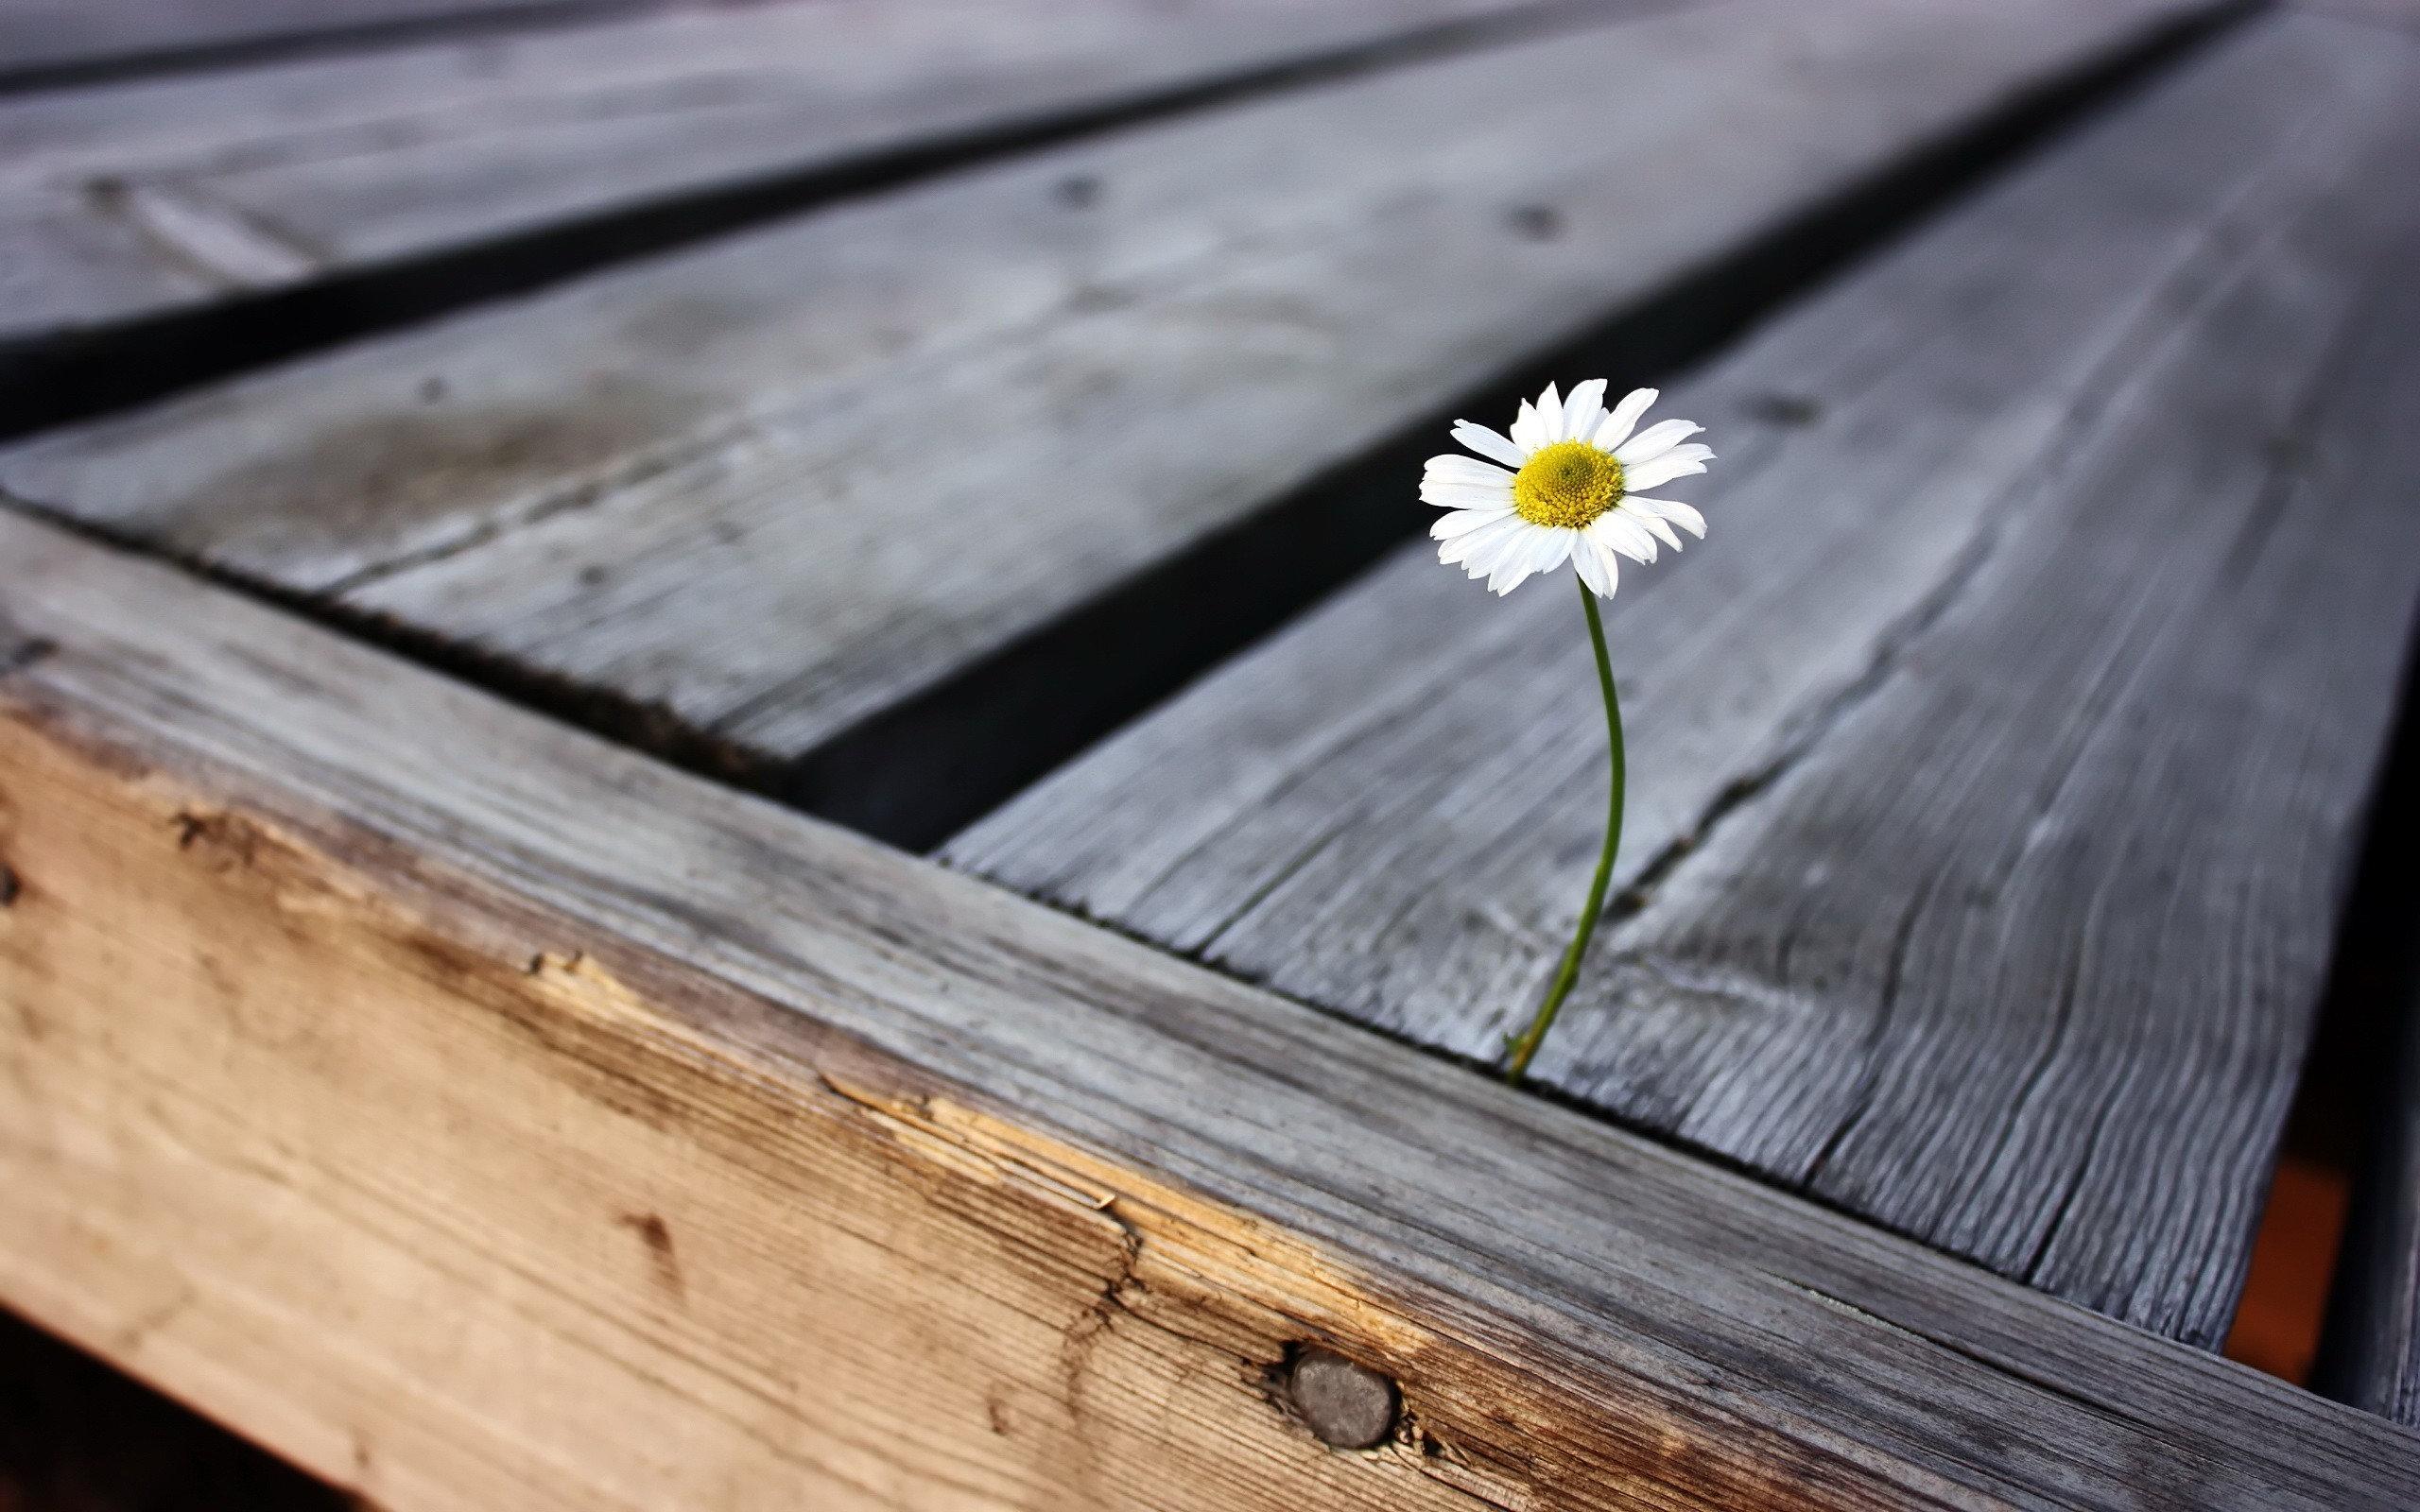 Цветы жизни 1 рассказы 21 фотография